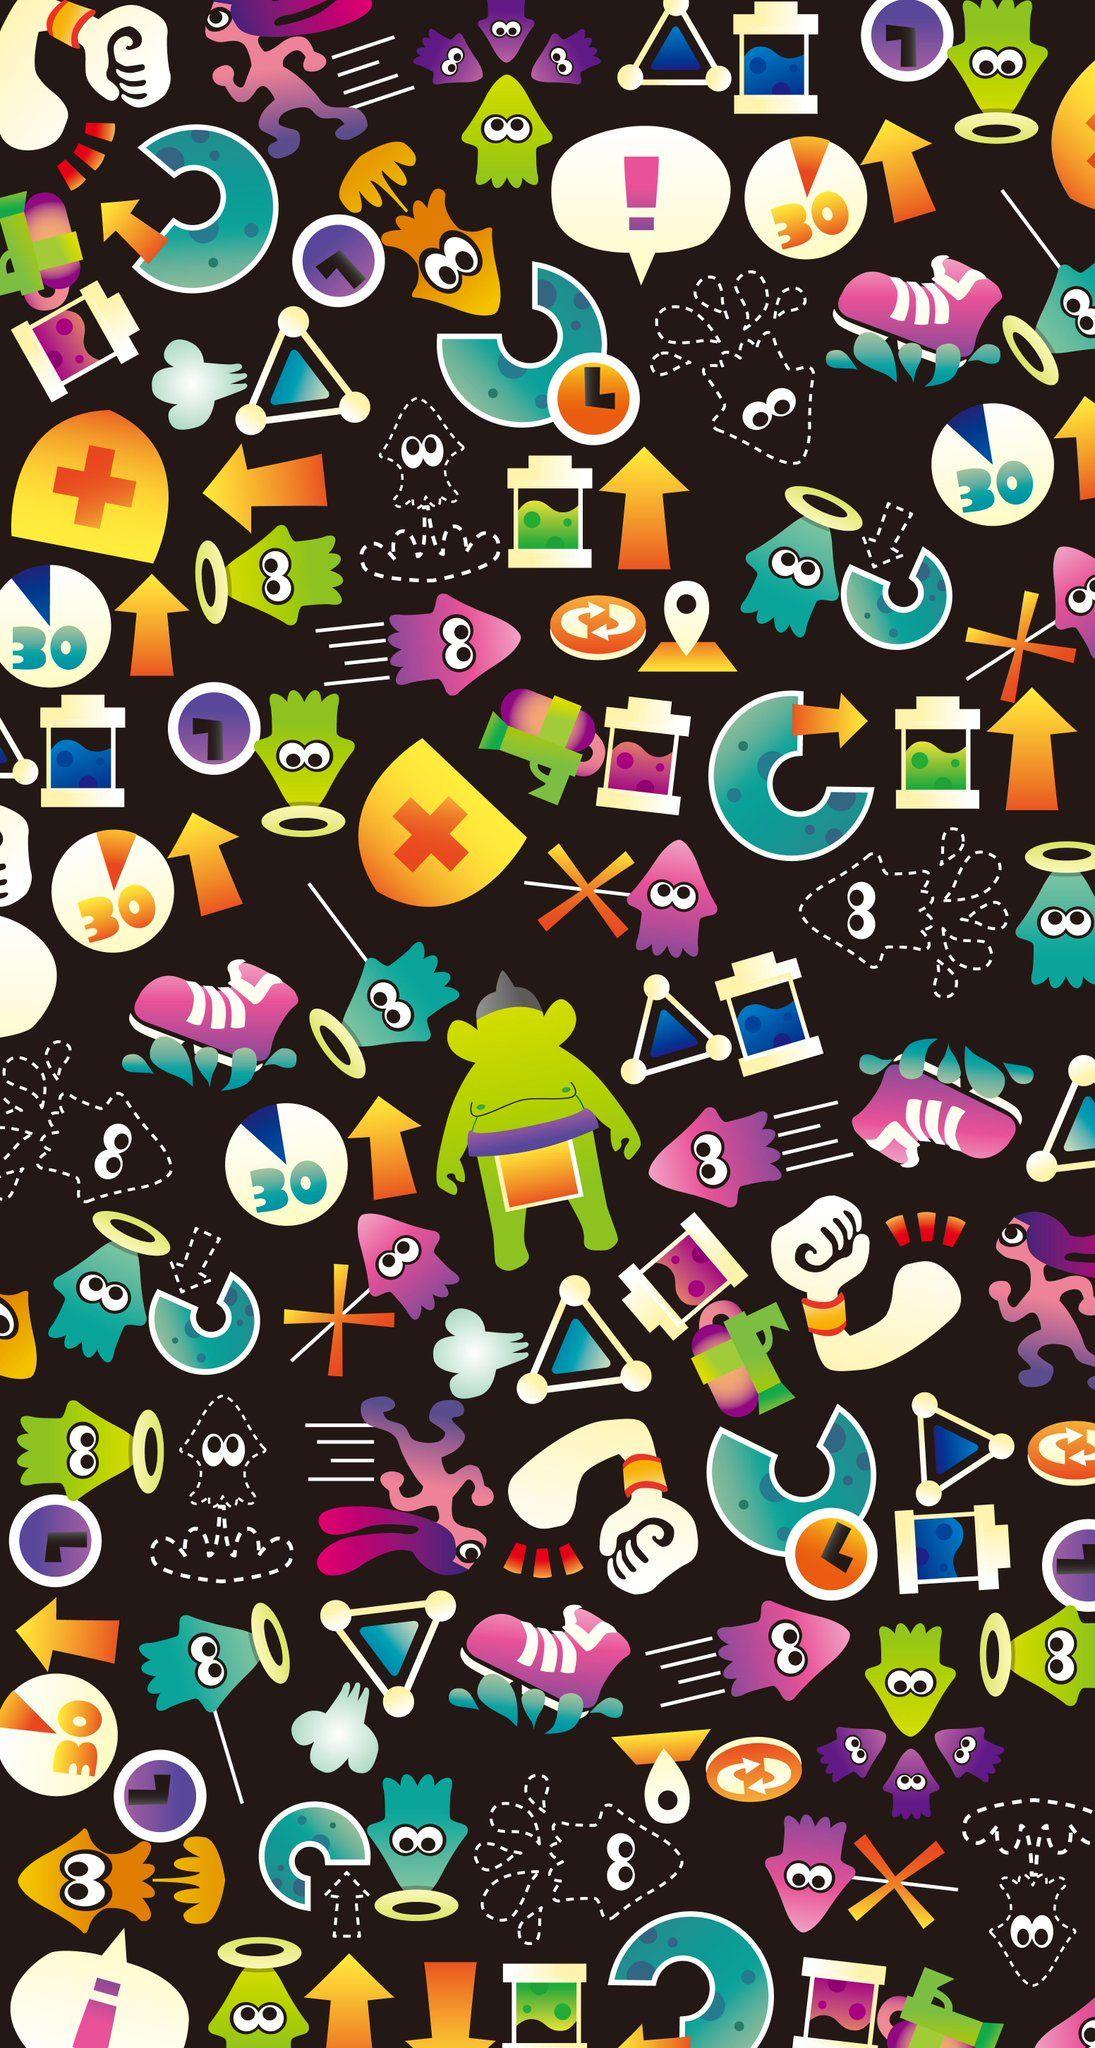 Iphone 壁紙 おしゃれまとめの人気アイデア Pinterest 未来 乙益 ゲーム 壁紙 ゲームアート スプラトゥーン 壁紙